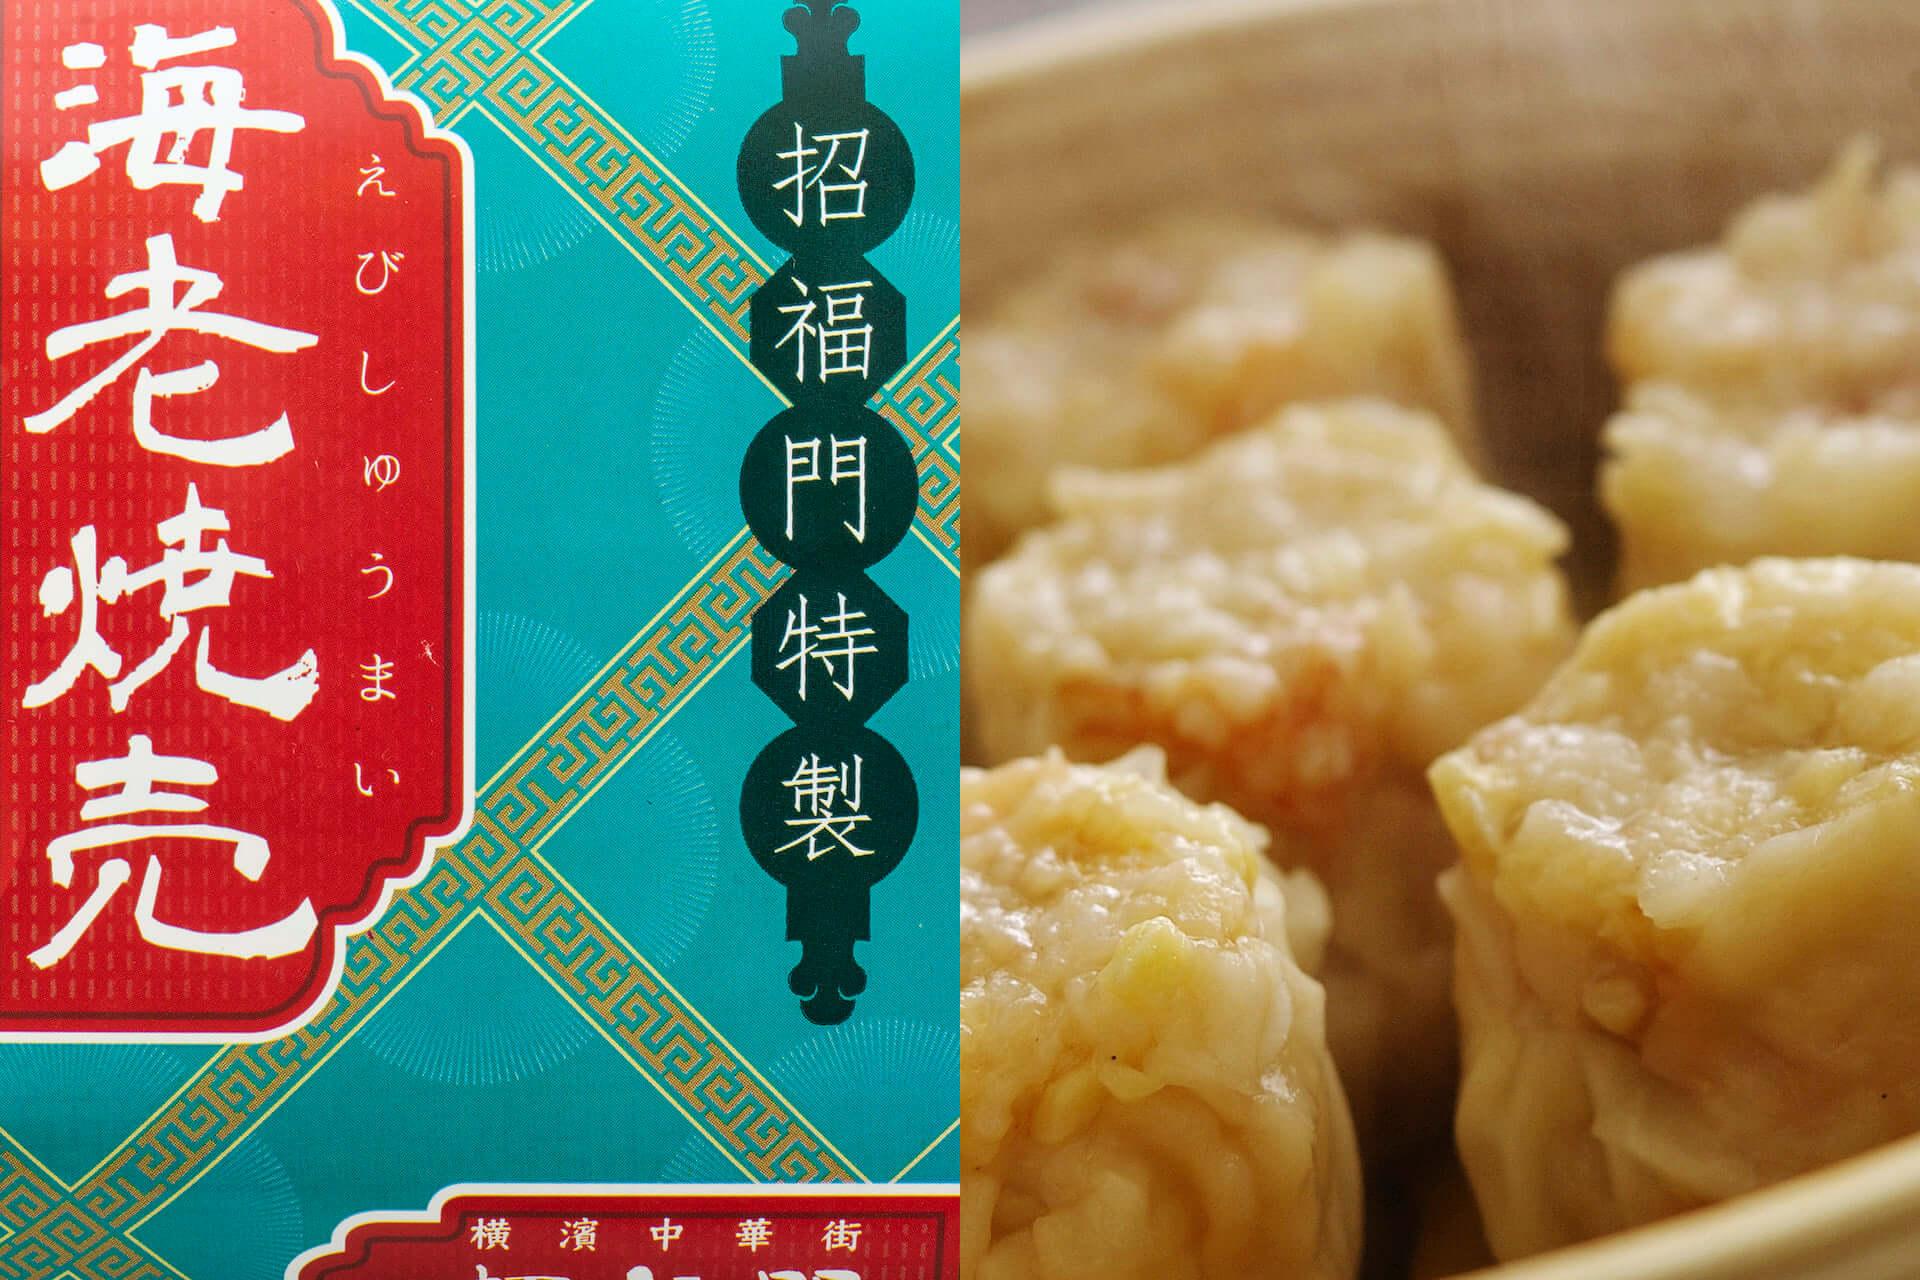 招福門の『香港飲茶食べ放題』をおうちでも!しゅうまい、まんじゅうを追加で選べるギフトセットがオンラインで発売 gourmet200925_shofukumon_4-1920x1280